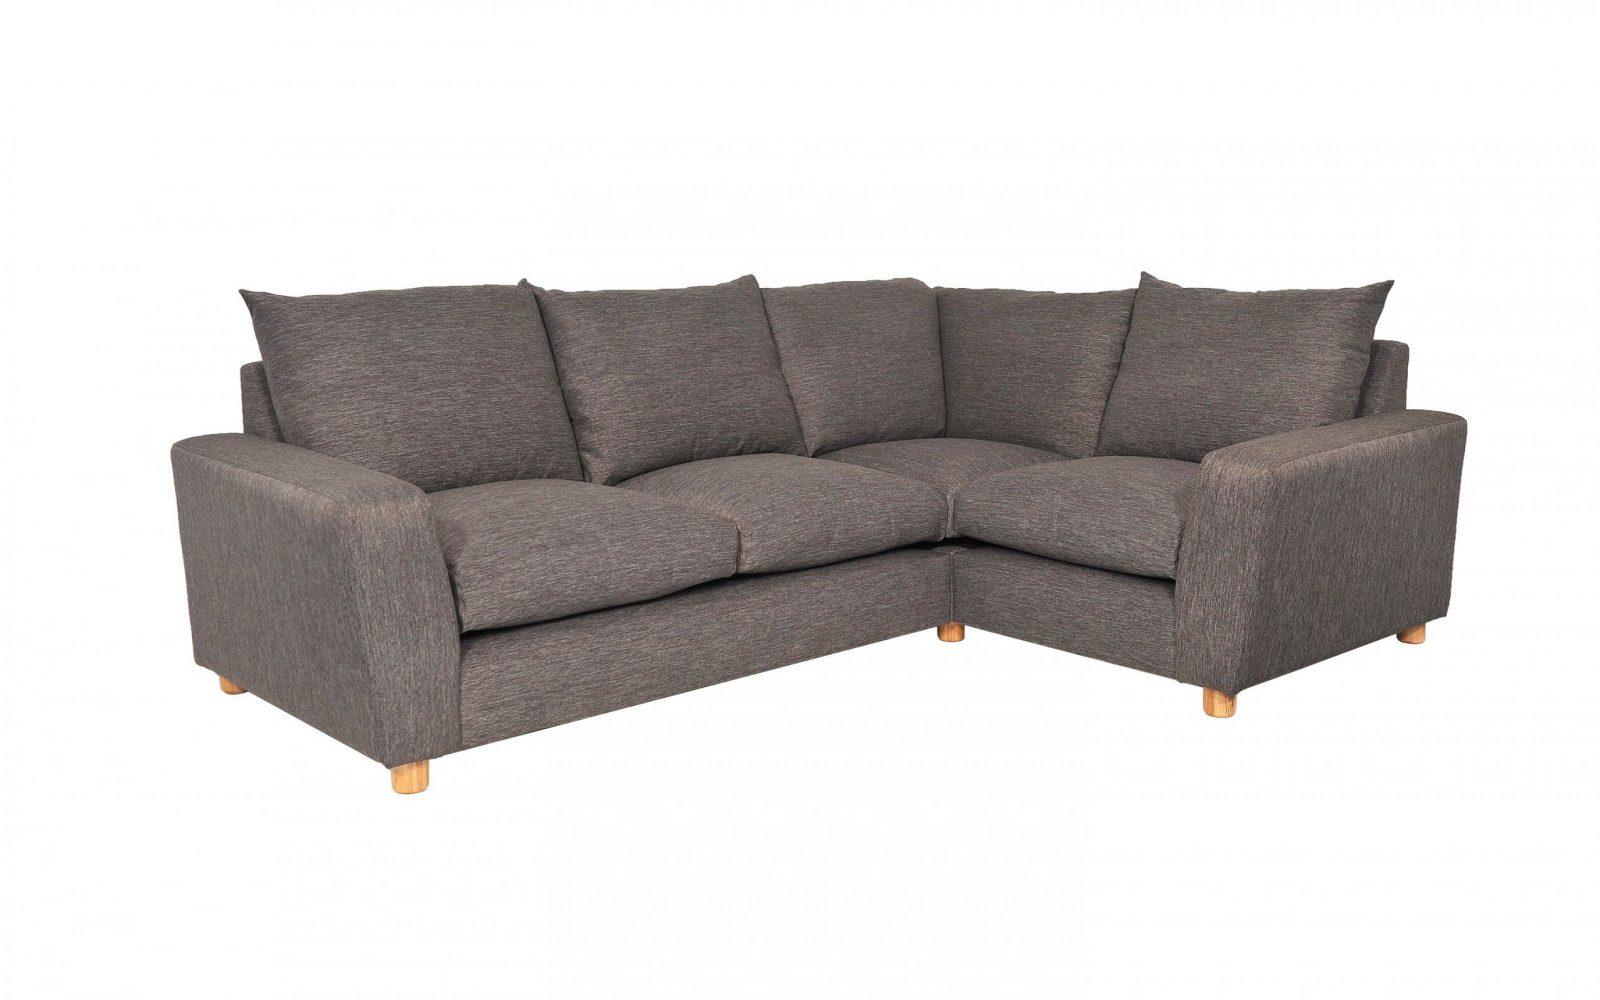 Sofa Design  Blendend Kleine Räume Ecksofa Für Kleines Wohnzimmer von Ecksofa Für Kleine Räume Bild